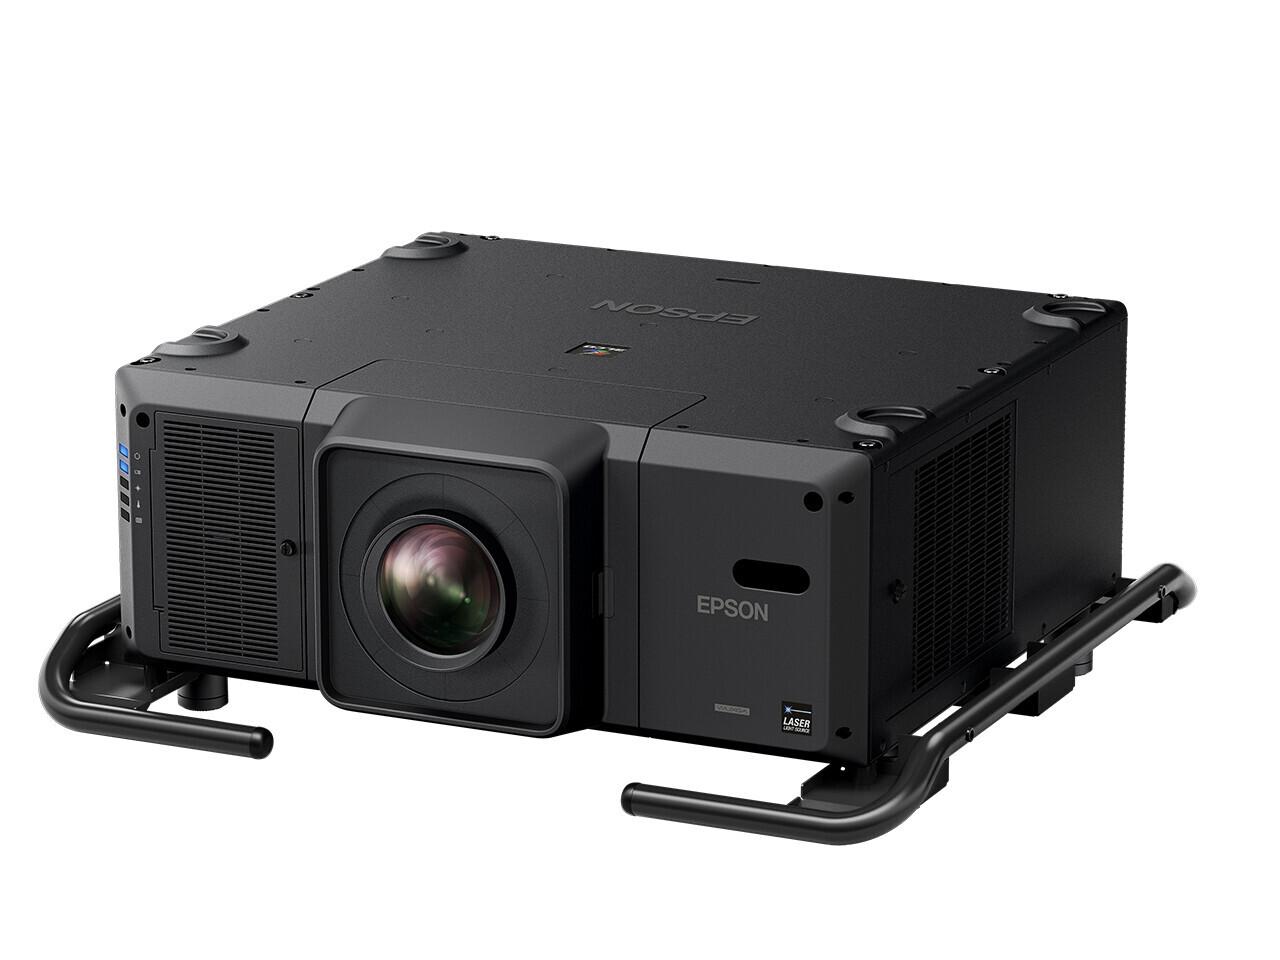 Epson EB-L25000U (obbiettivo escluso)